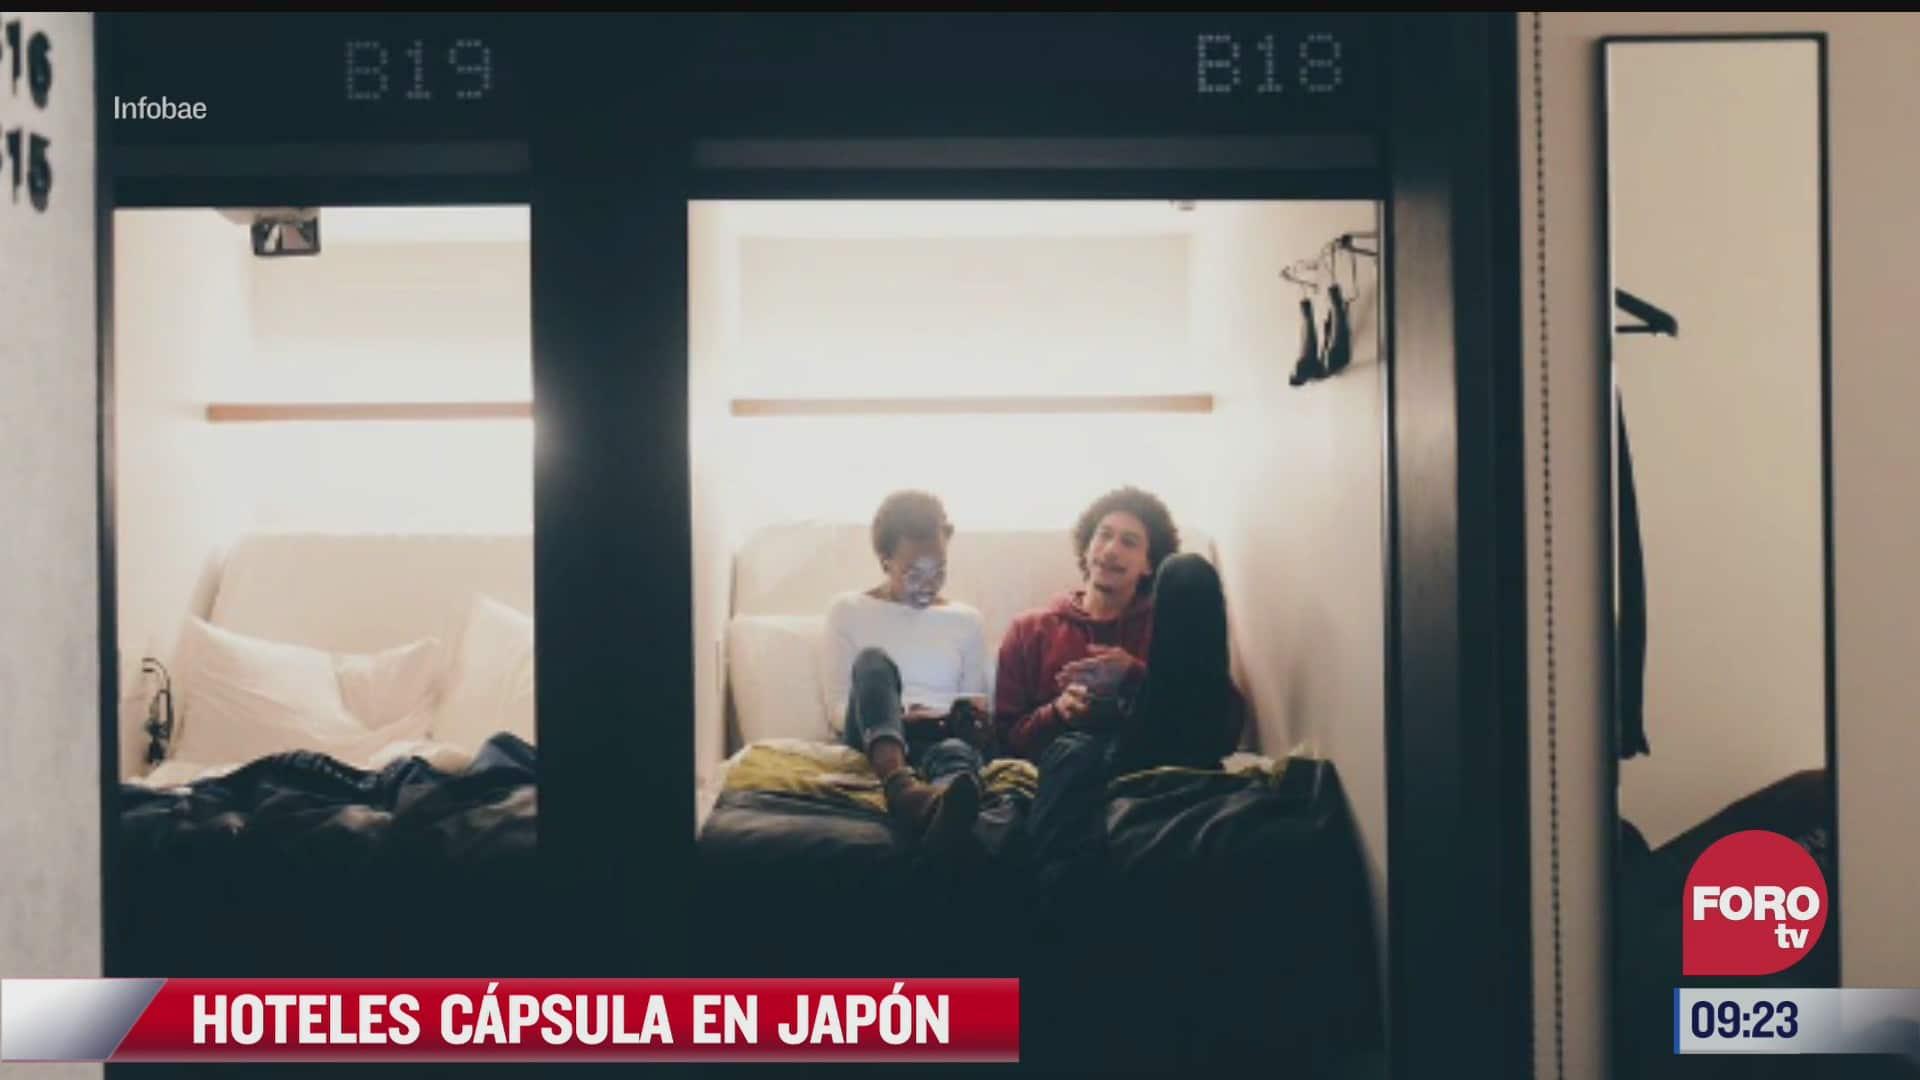 asi son los hoteles capsula en japon